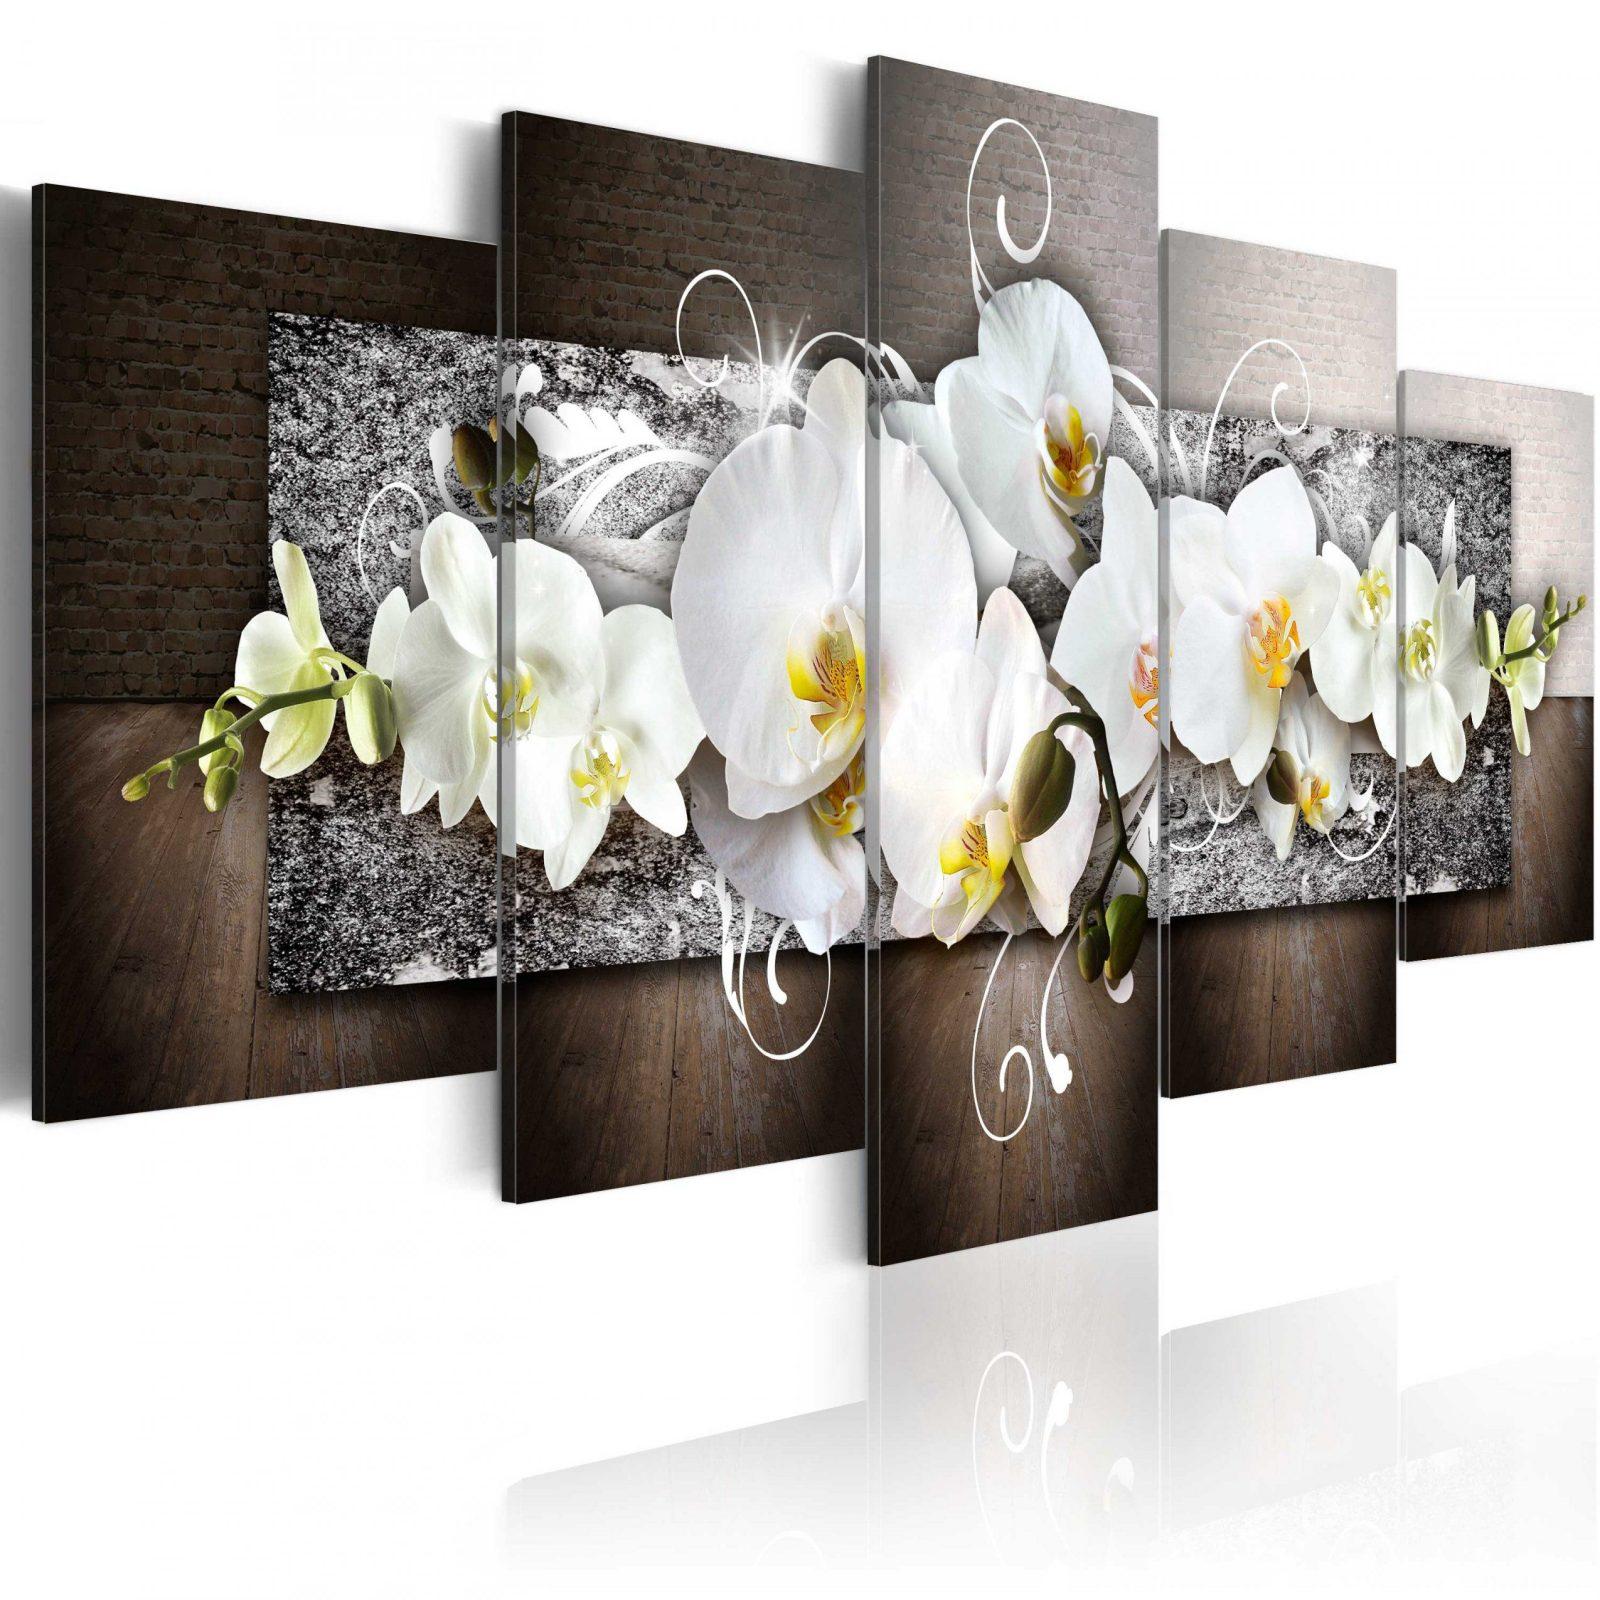 Leinwand Bilder Xxl Kunstdruck Wandbild Blumen Orchidee Abstrakt von Leinwandbilder Xxl 5 Teilig Photo